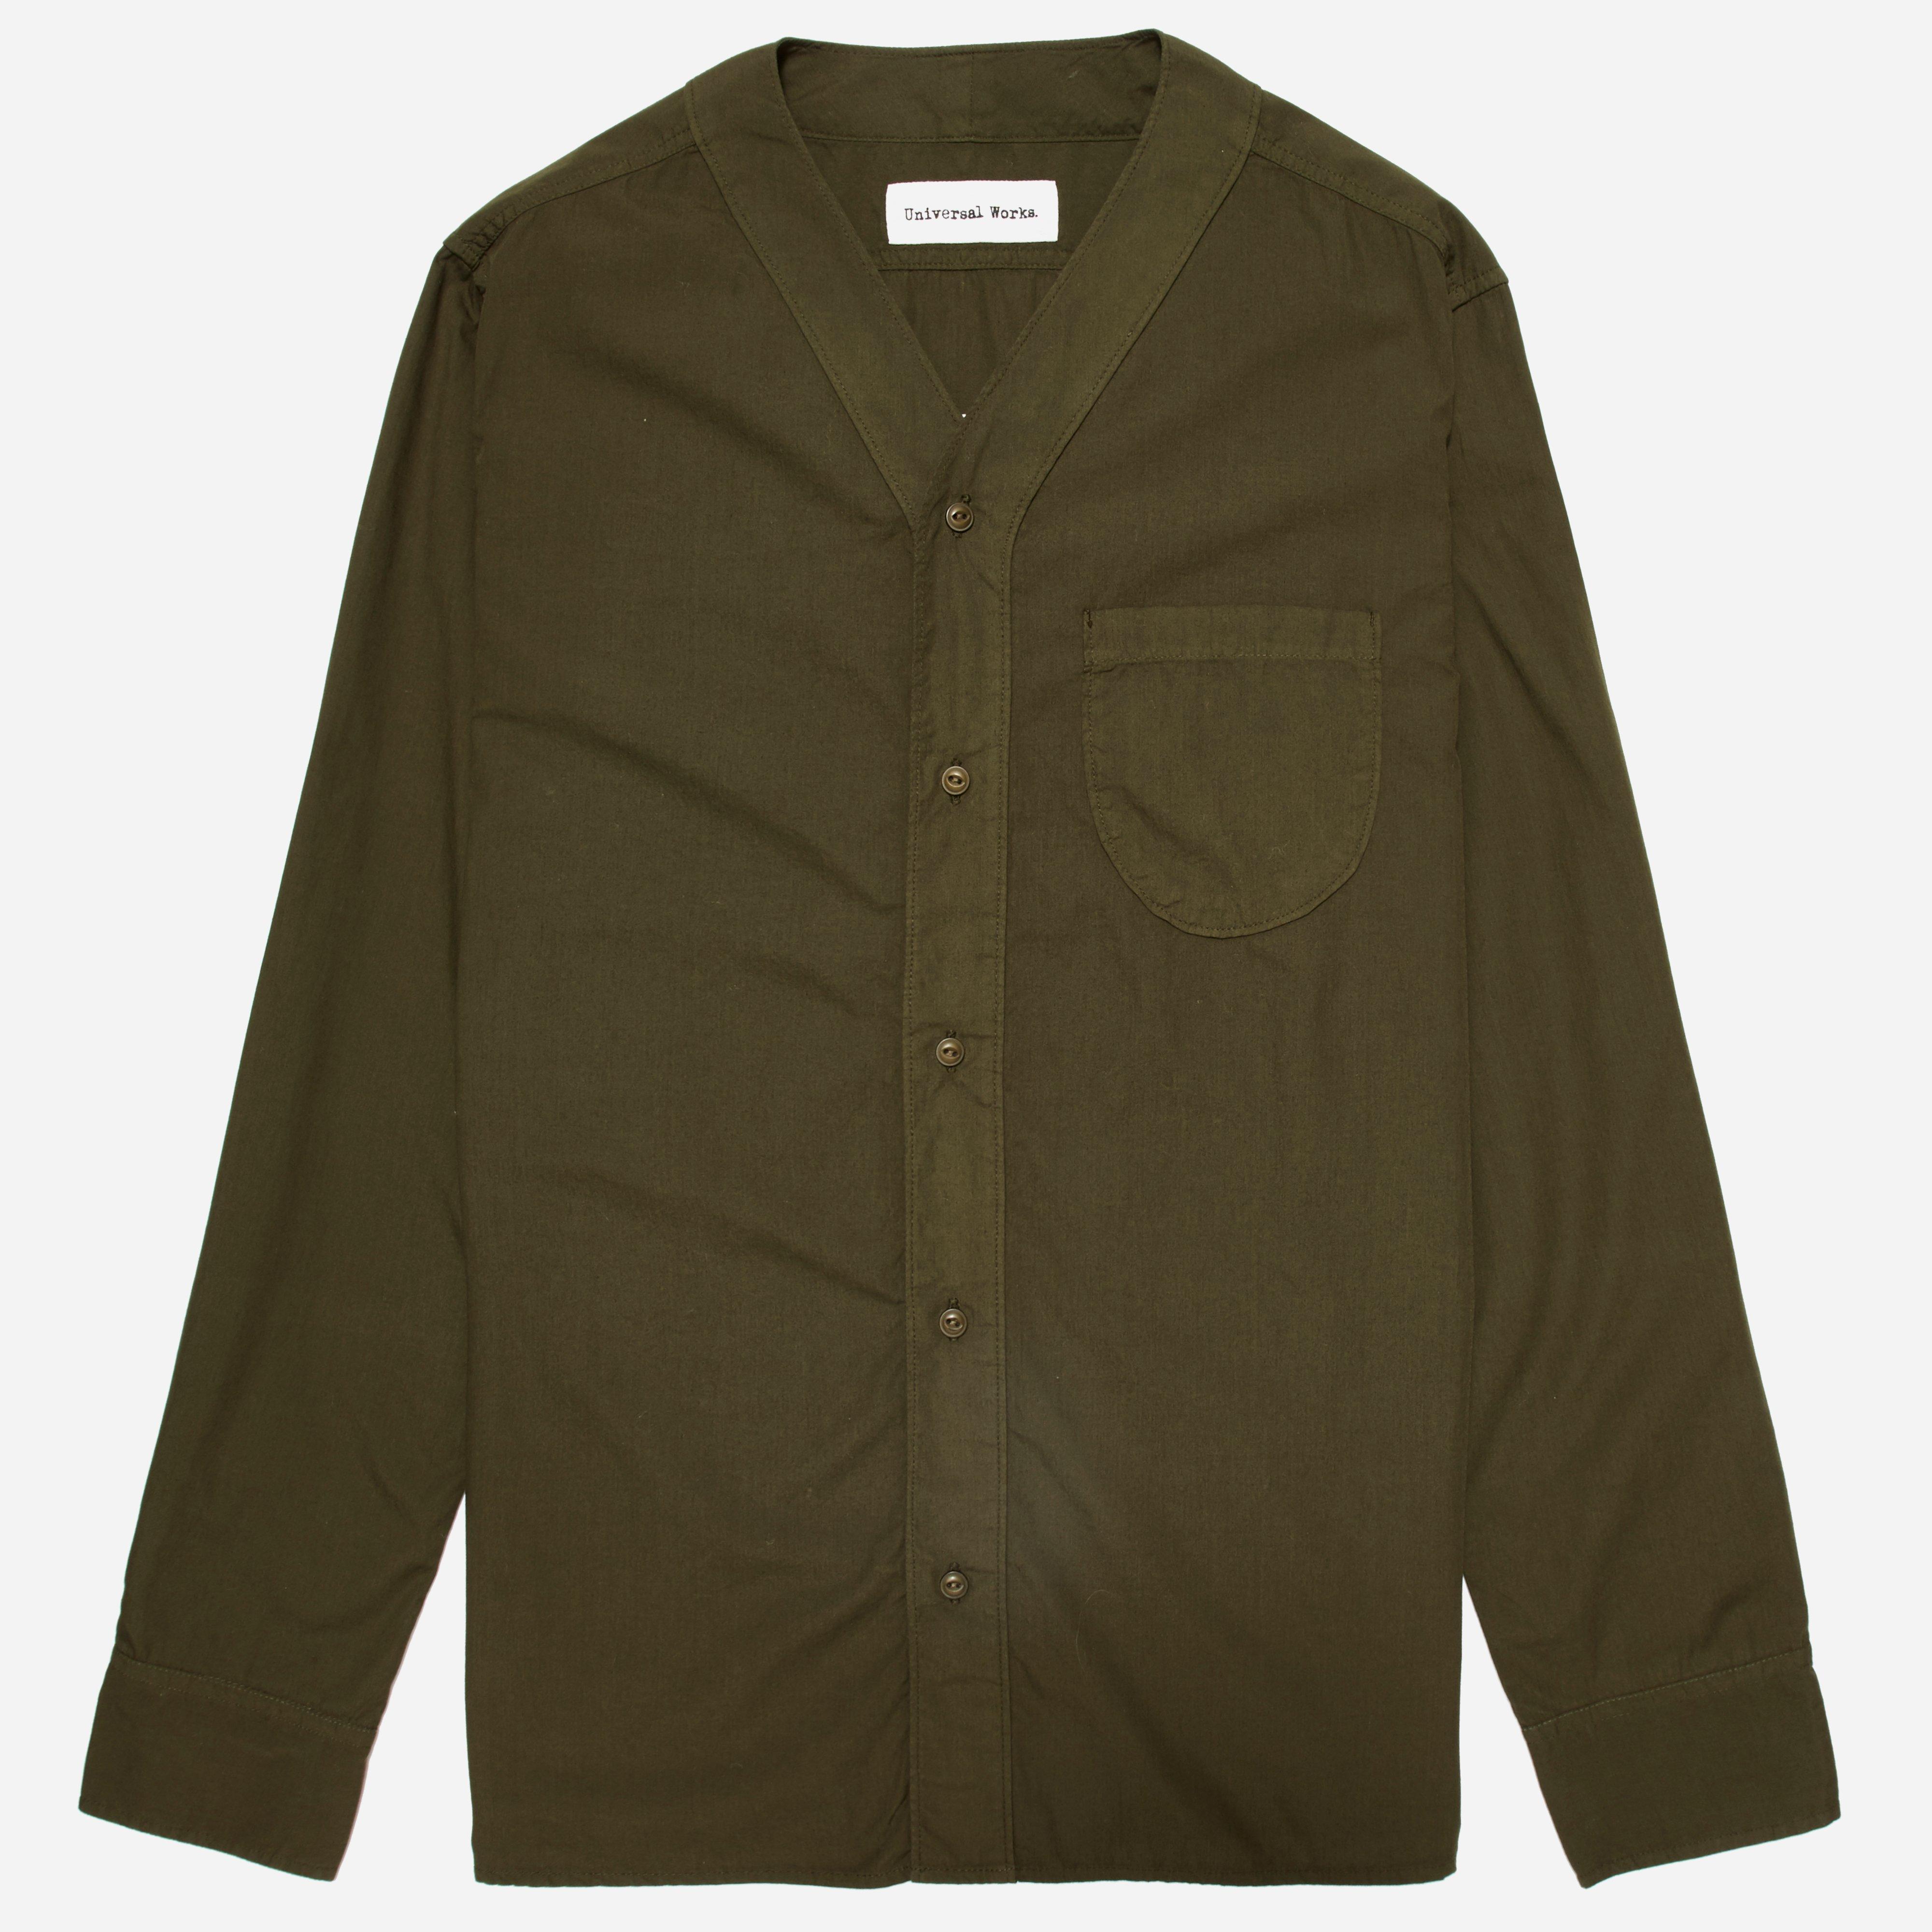 Universal Works Poplin V Neck Shirt